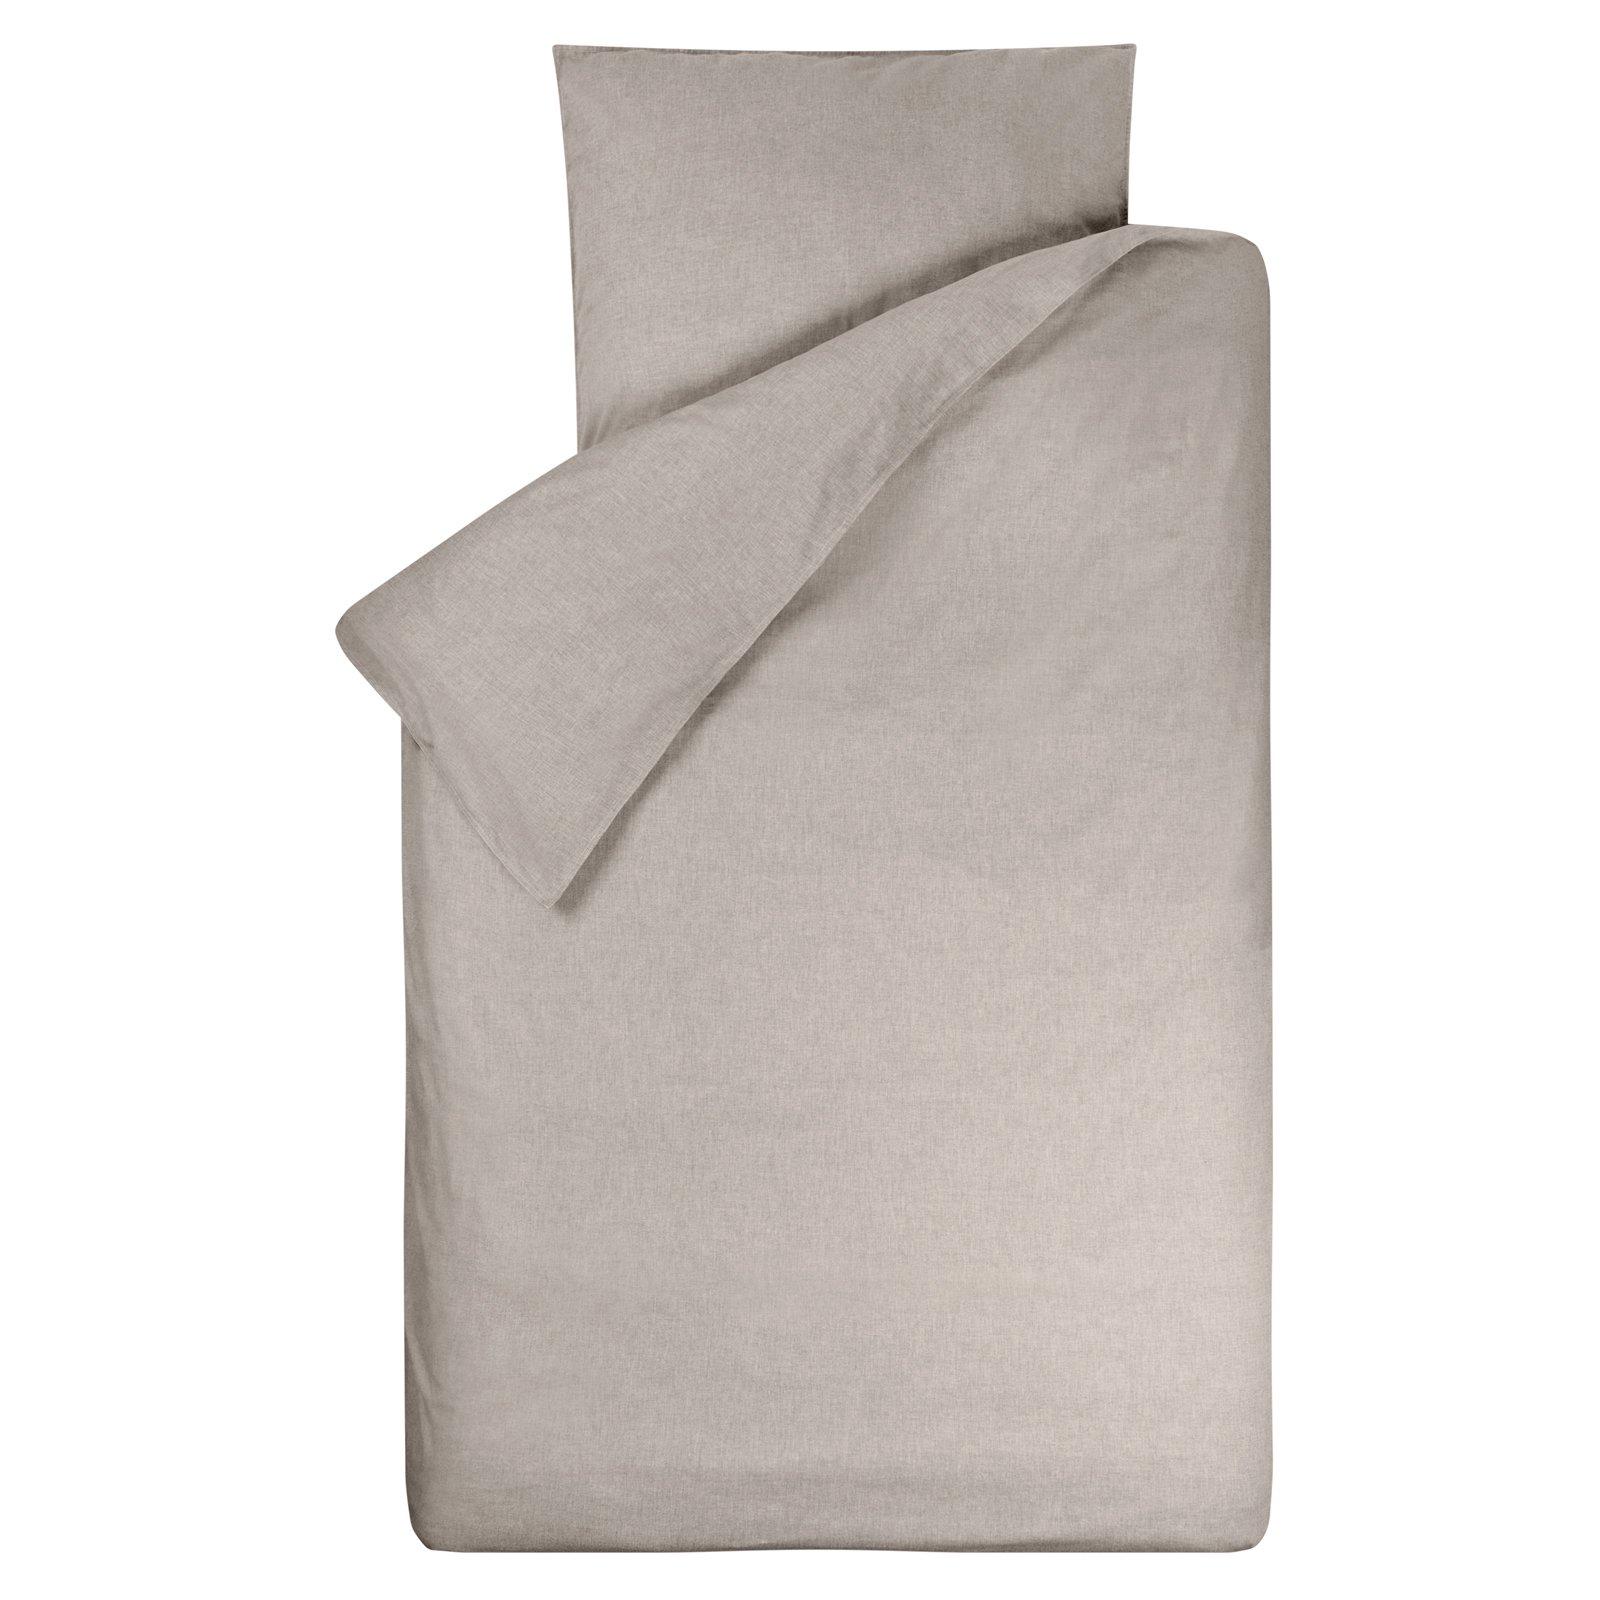 Dekbedovertrek Bo zand 140x200, gemaakt van een mooie chambray in de kleur zand (nepal/beige) met rondom een stoer wit dubbel stiksel.